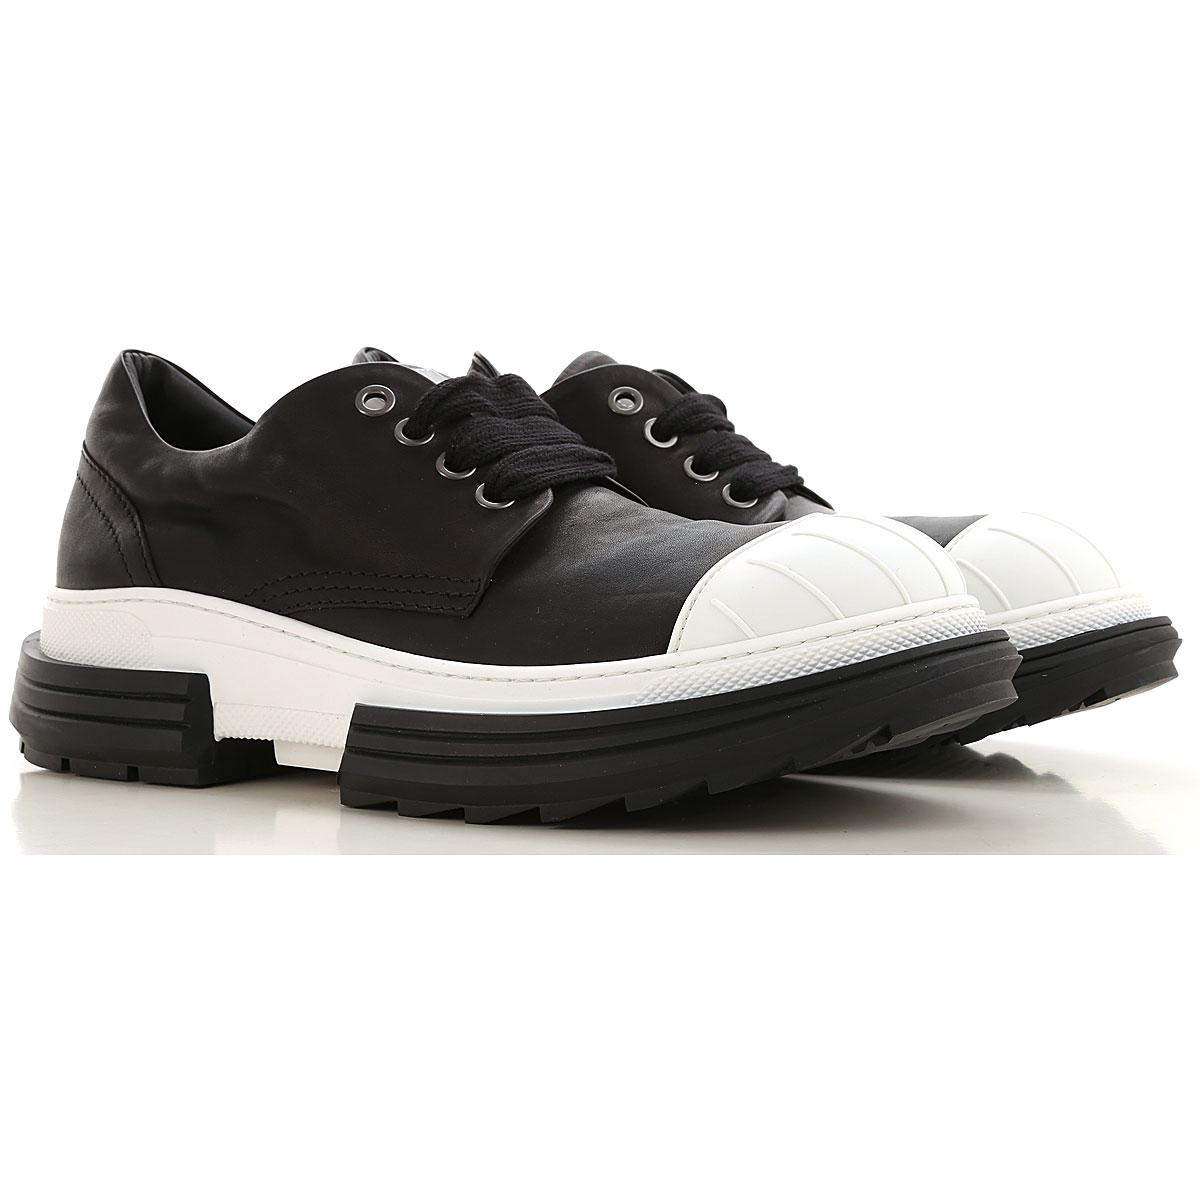 Beyond Sneaker Homme, Noir, Cuir, 2019, 41 42 43 45